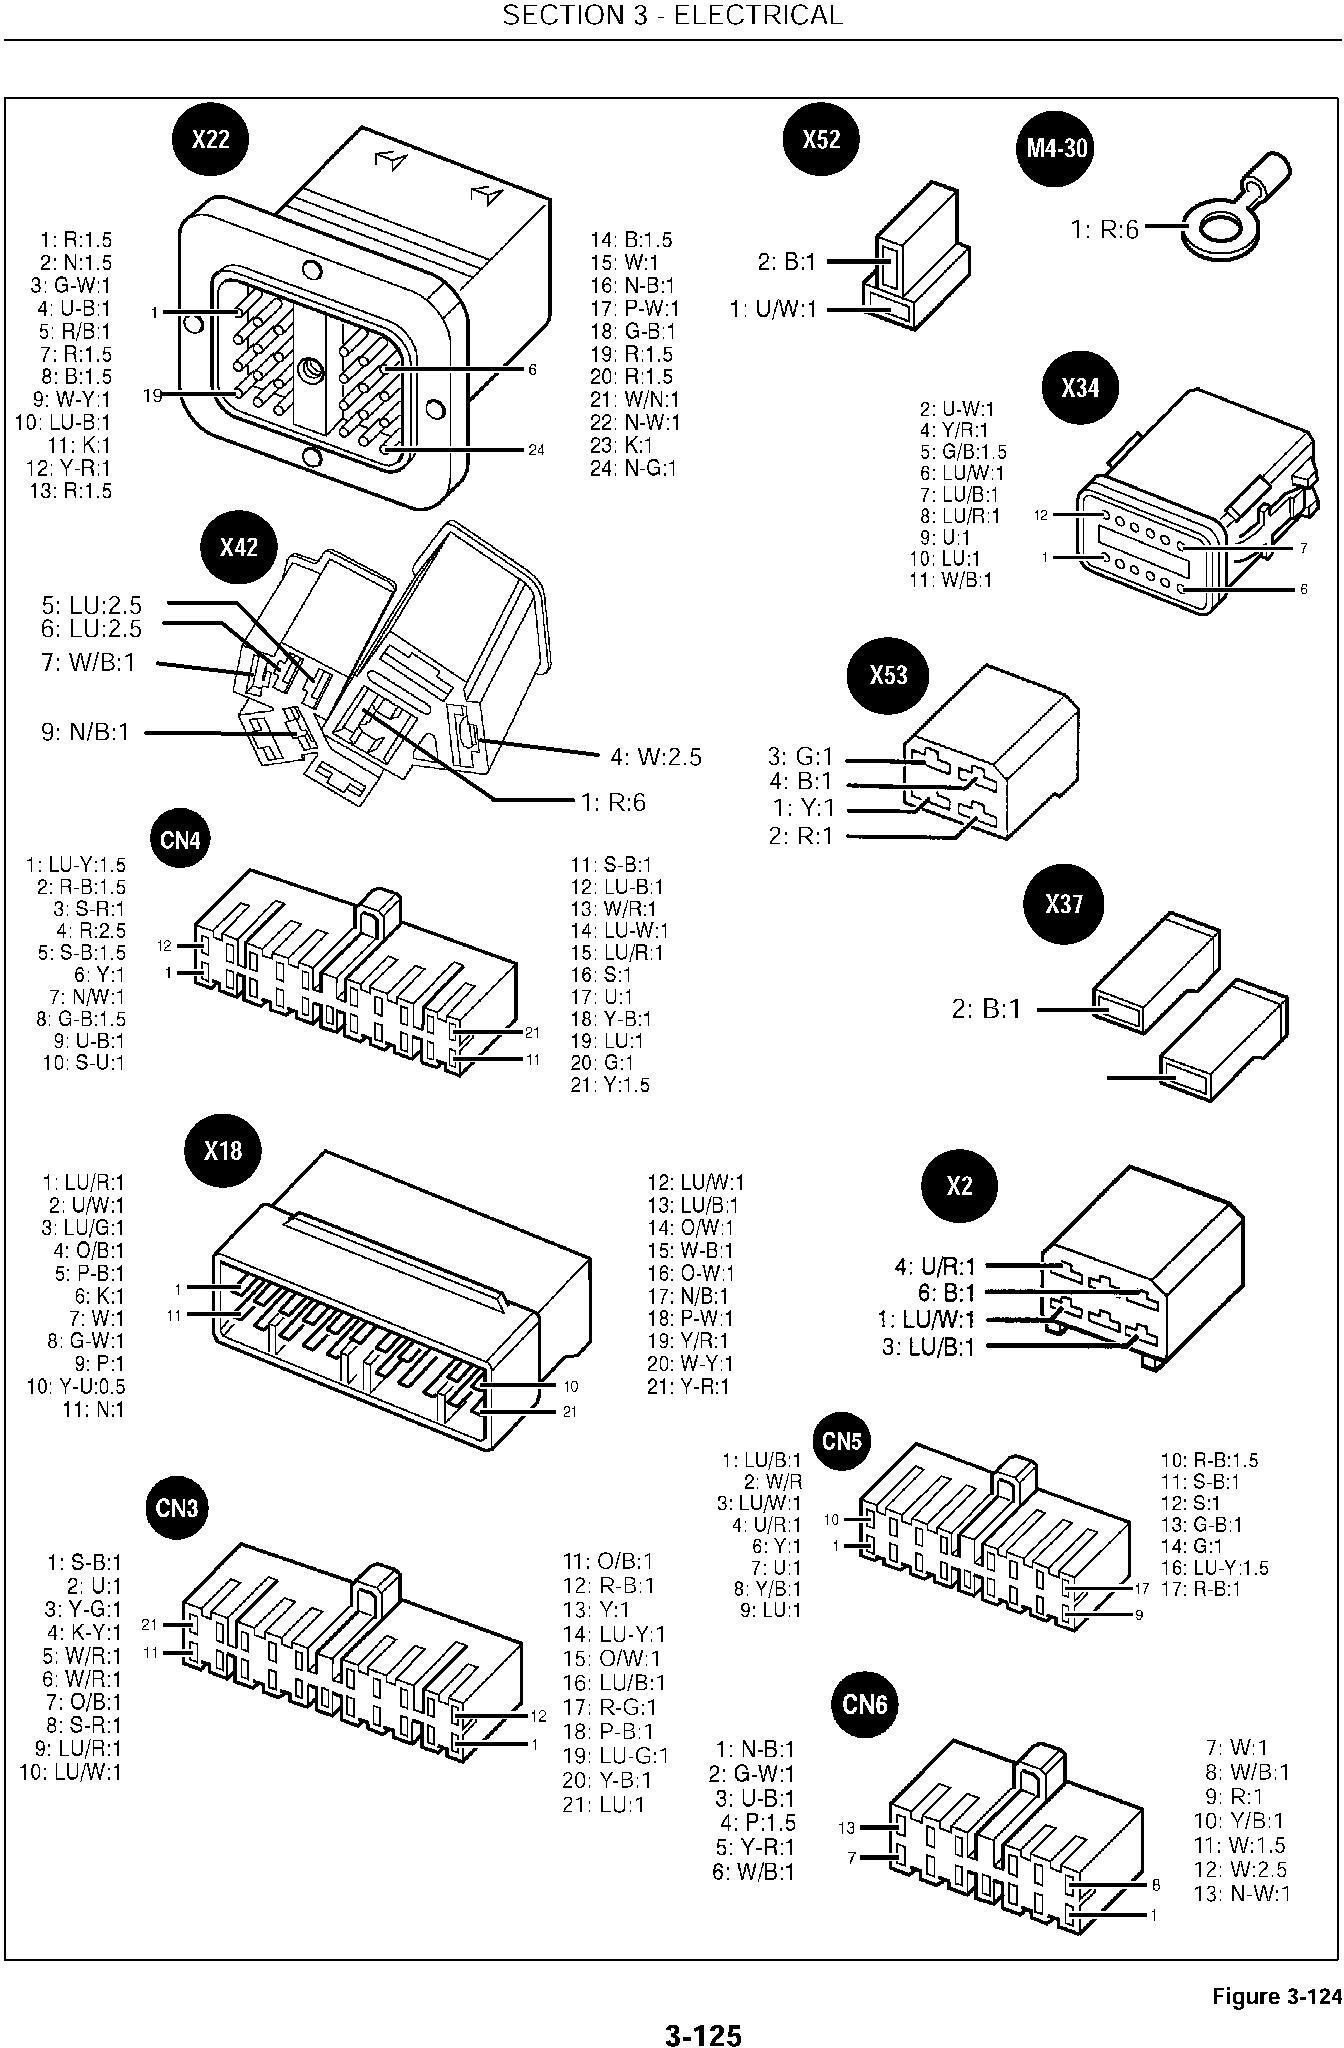 New Holland LB75 Backhoe Loader Service Manual - 3